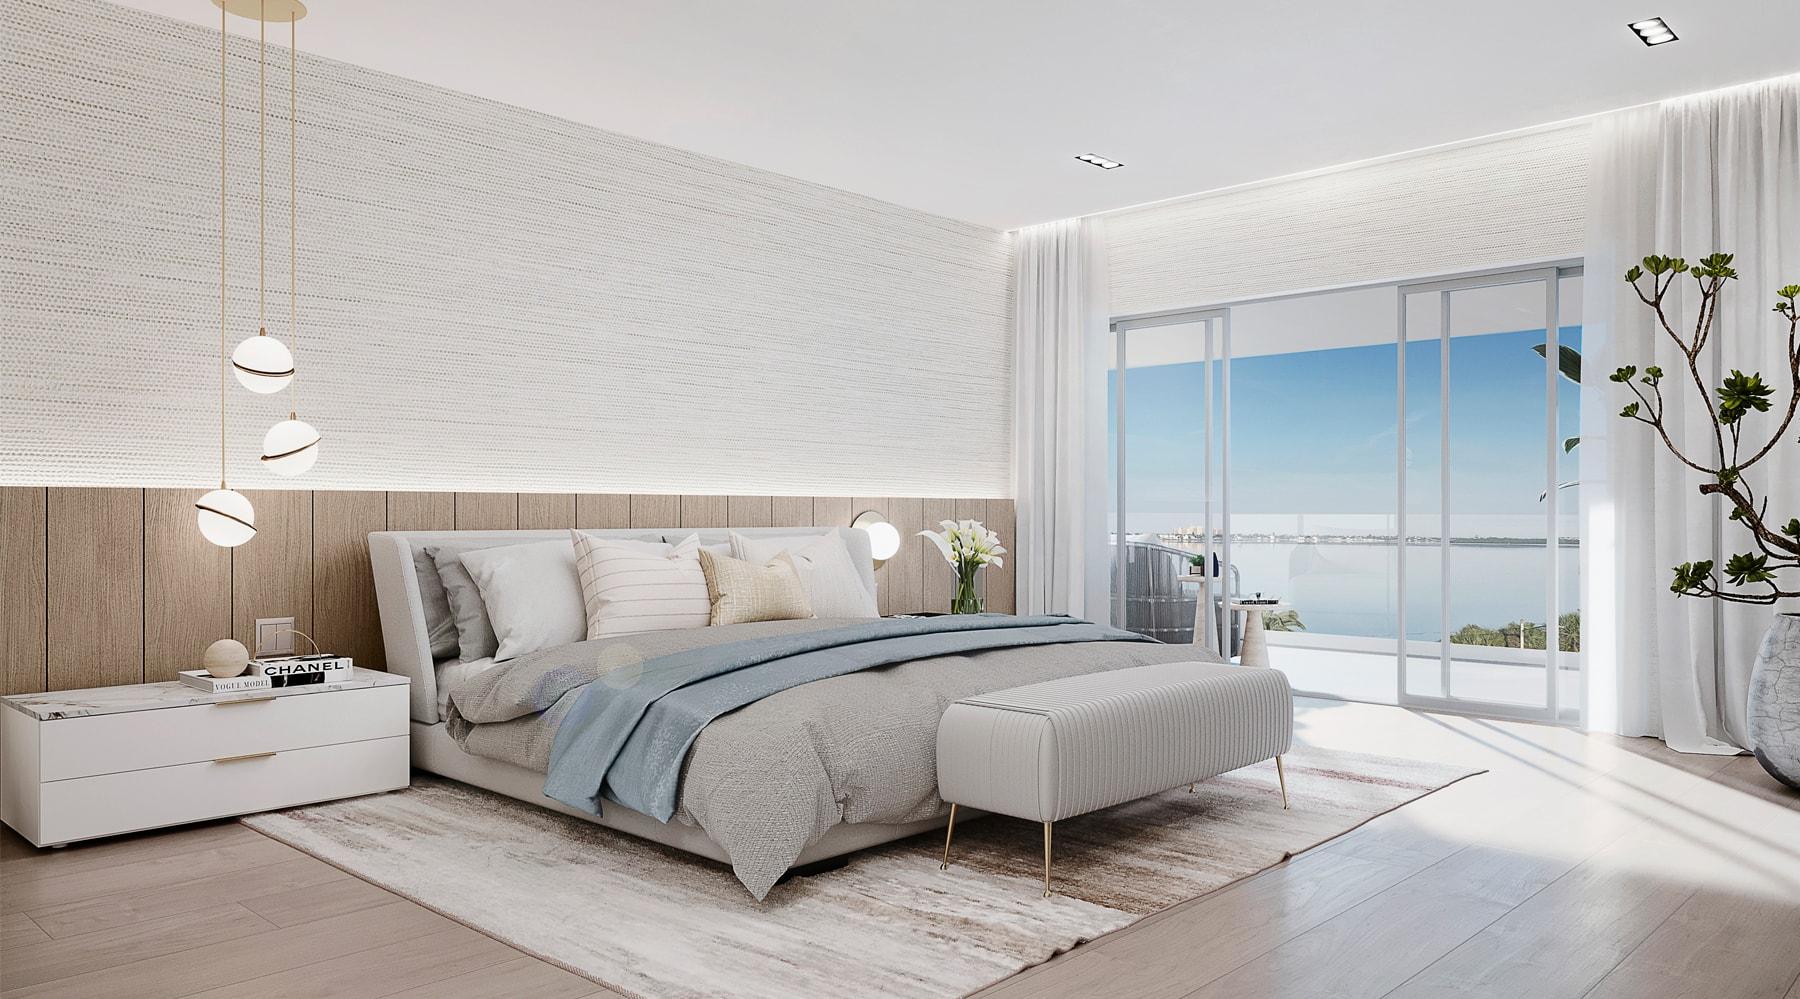 Bedroom Serena by the Sea